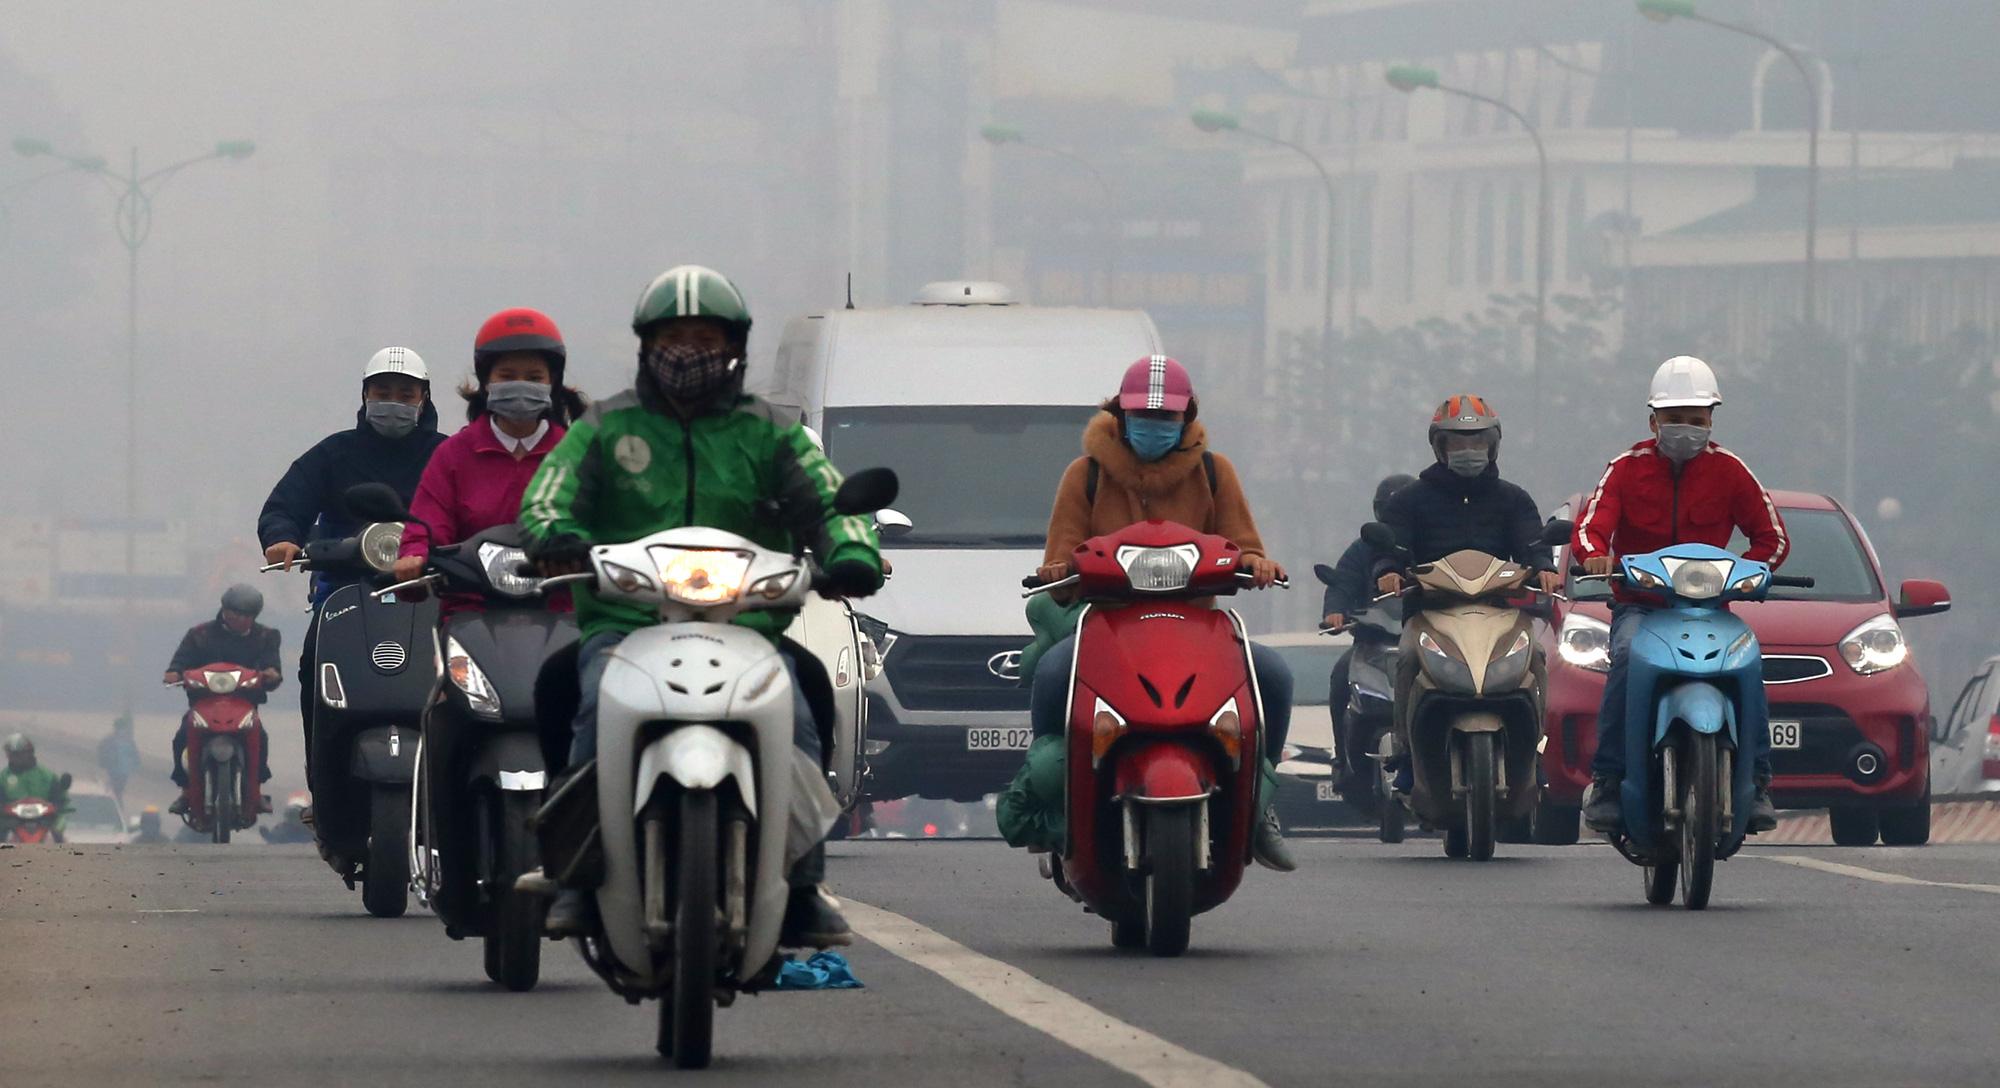 Chất lượng không khí tại Hà Nội hai tháng đầu năm 2020 chỉ có 7 ngày tốt - Ảnh 3.